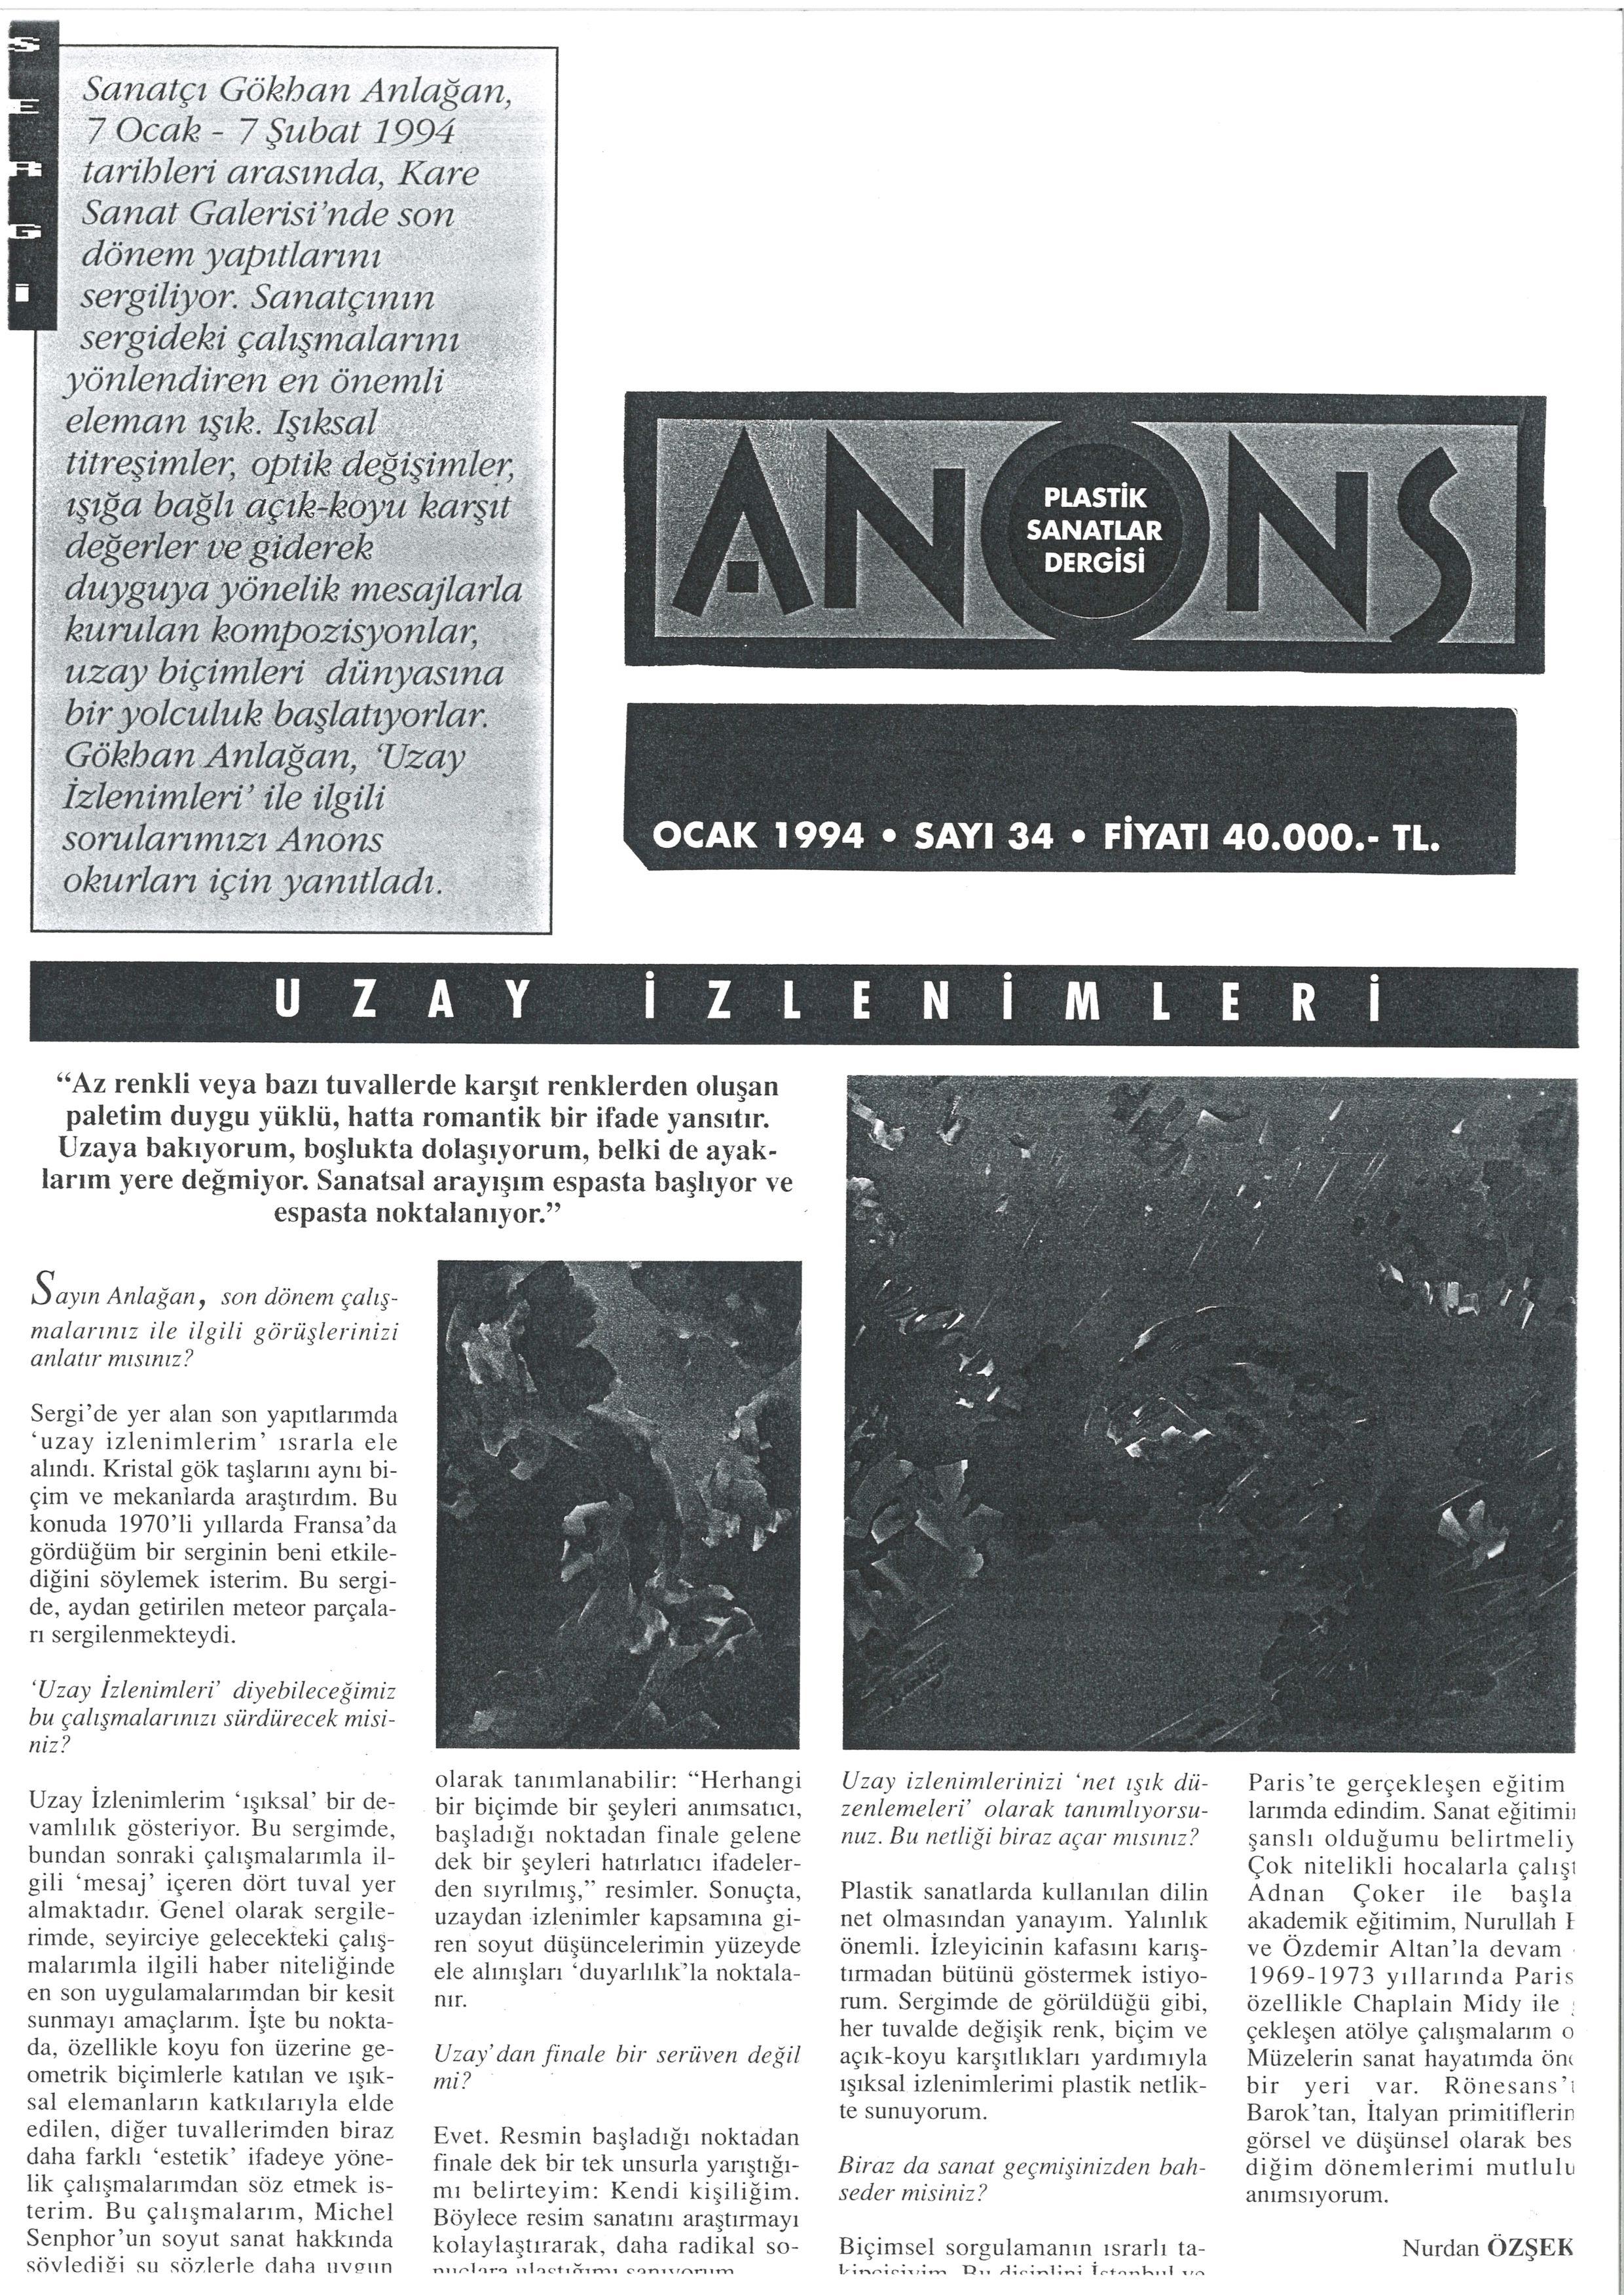 Anons 1994